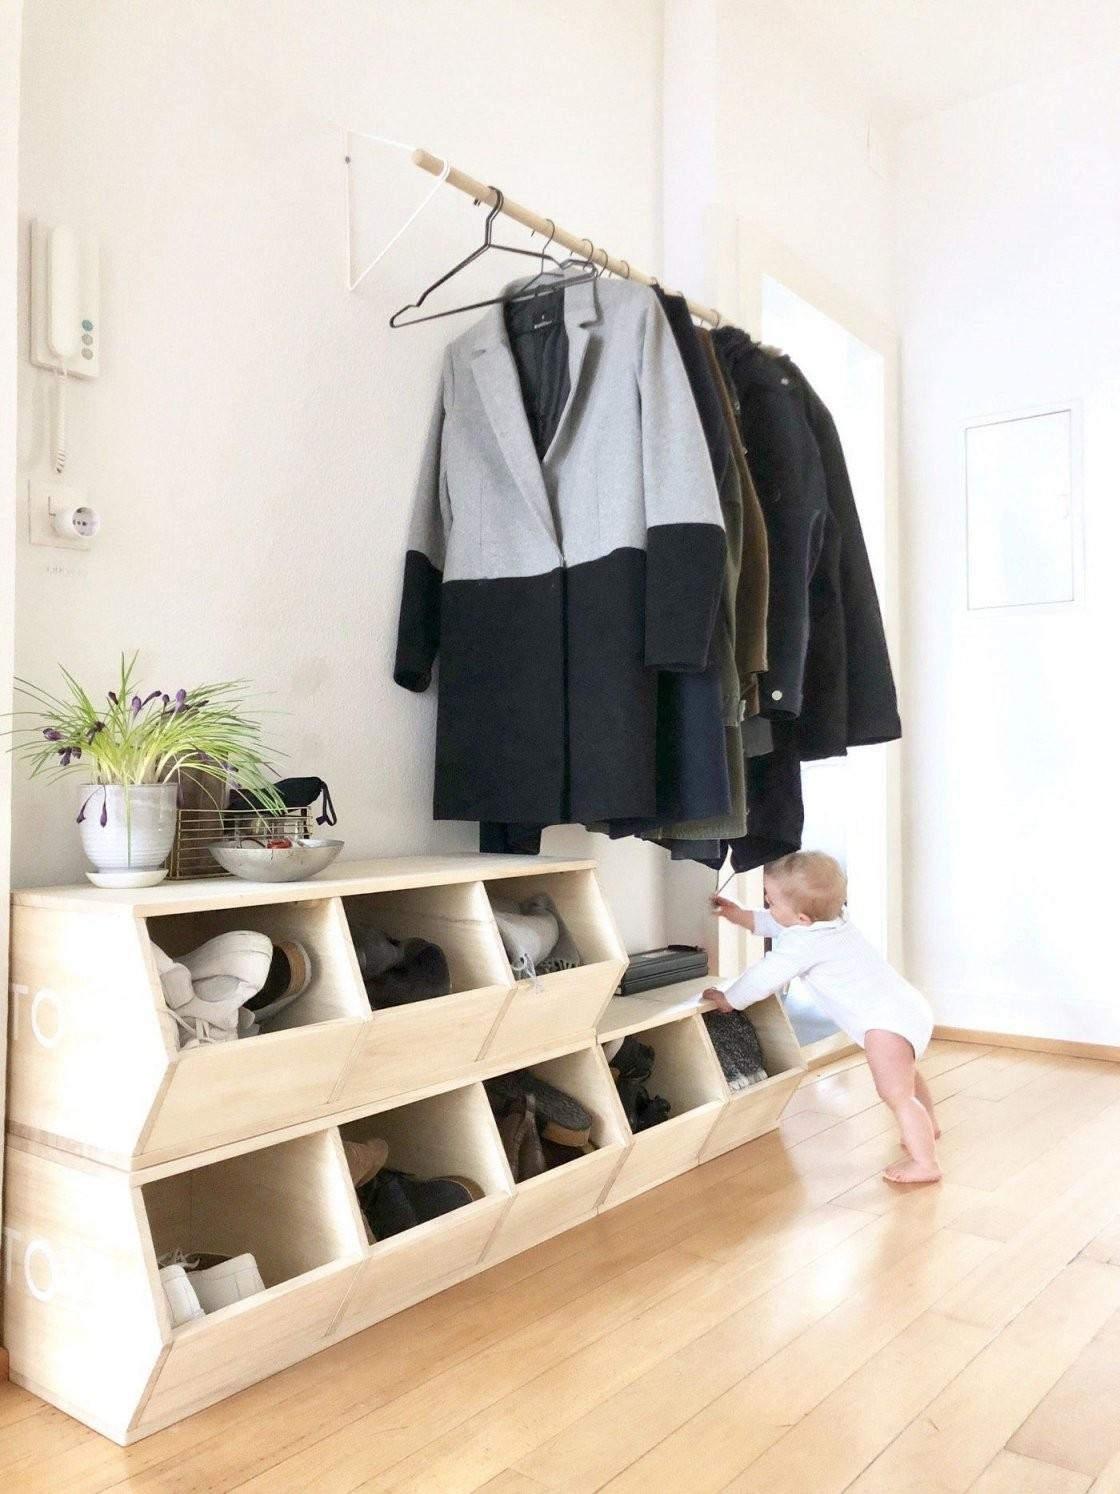 Garderoben Selber Bauen Die Besten Ideen Und Diytipps von Garderobe Selber Bauen Schöner Wohnen Bild